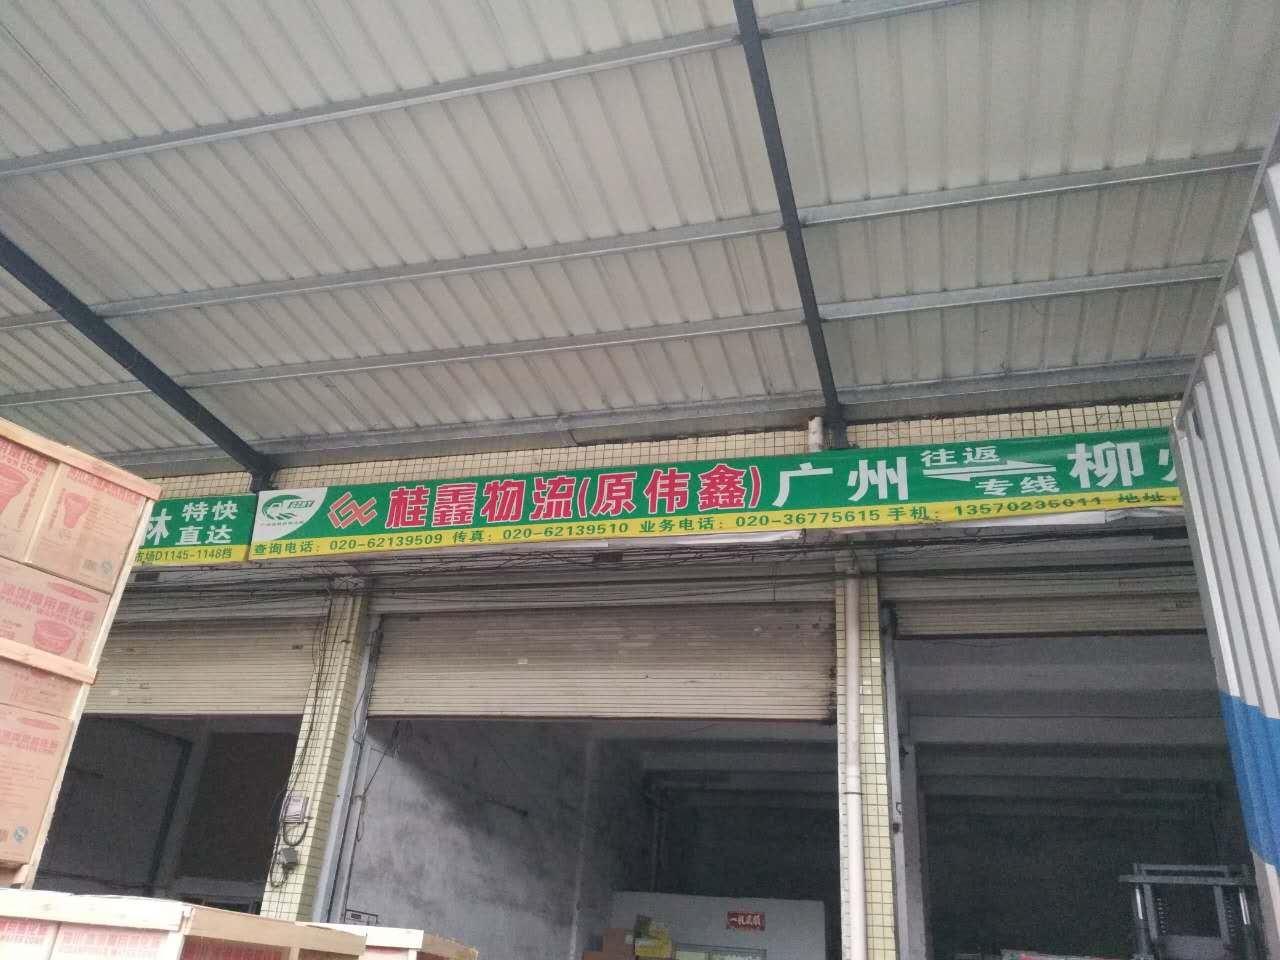 广州到怀化物流专线(广州市桂鑫物流有限公司)